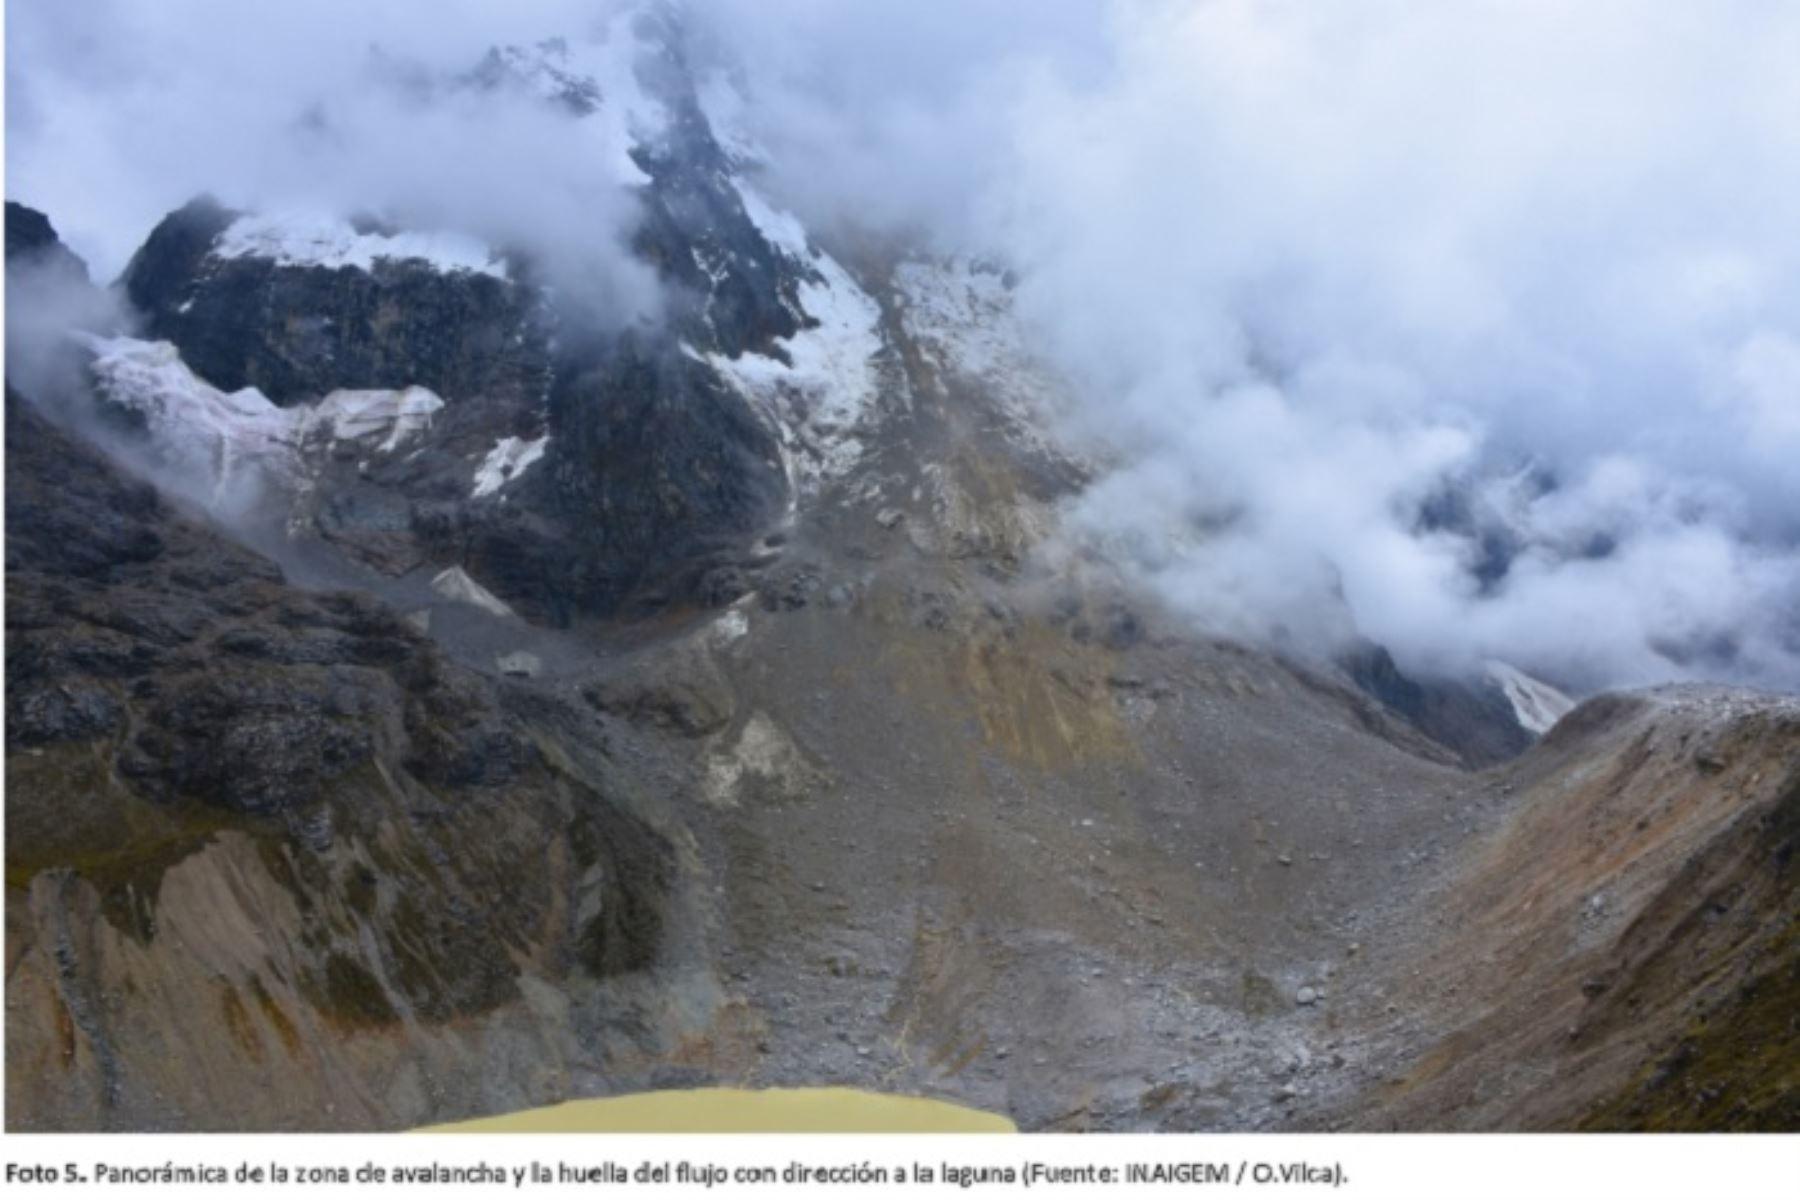 Científicos del Inaigem comprueban rompimiento de masa de roca del nevado Salkantay